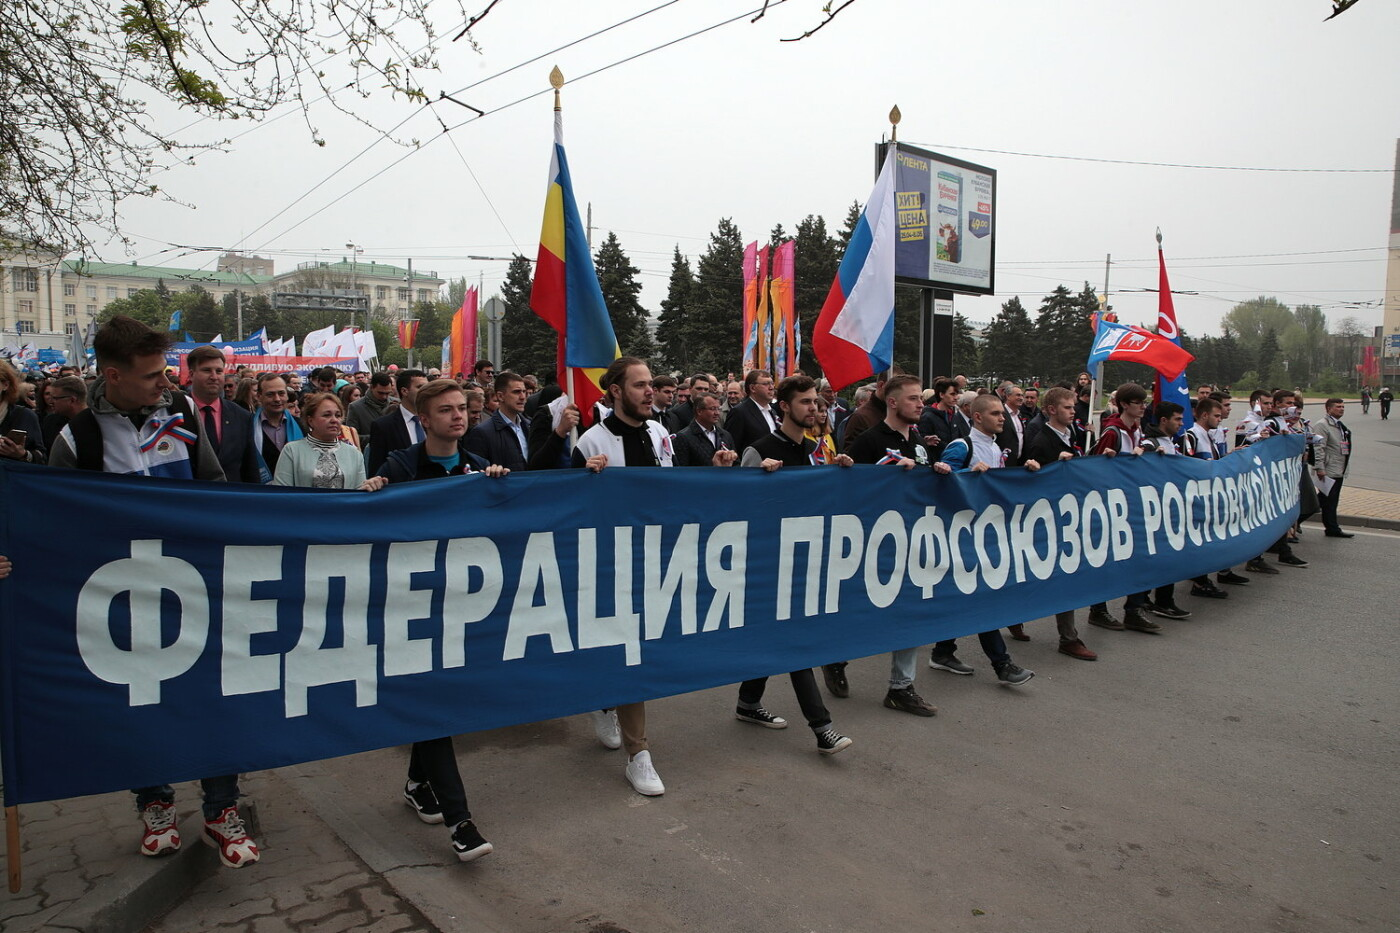 Против социального фашизма, за свободный интернет:  самые яркие лозунги Первомая в Ростове, фото-2